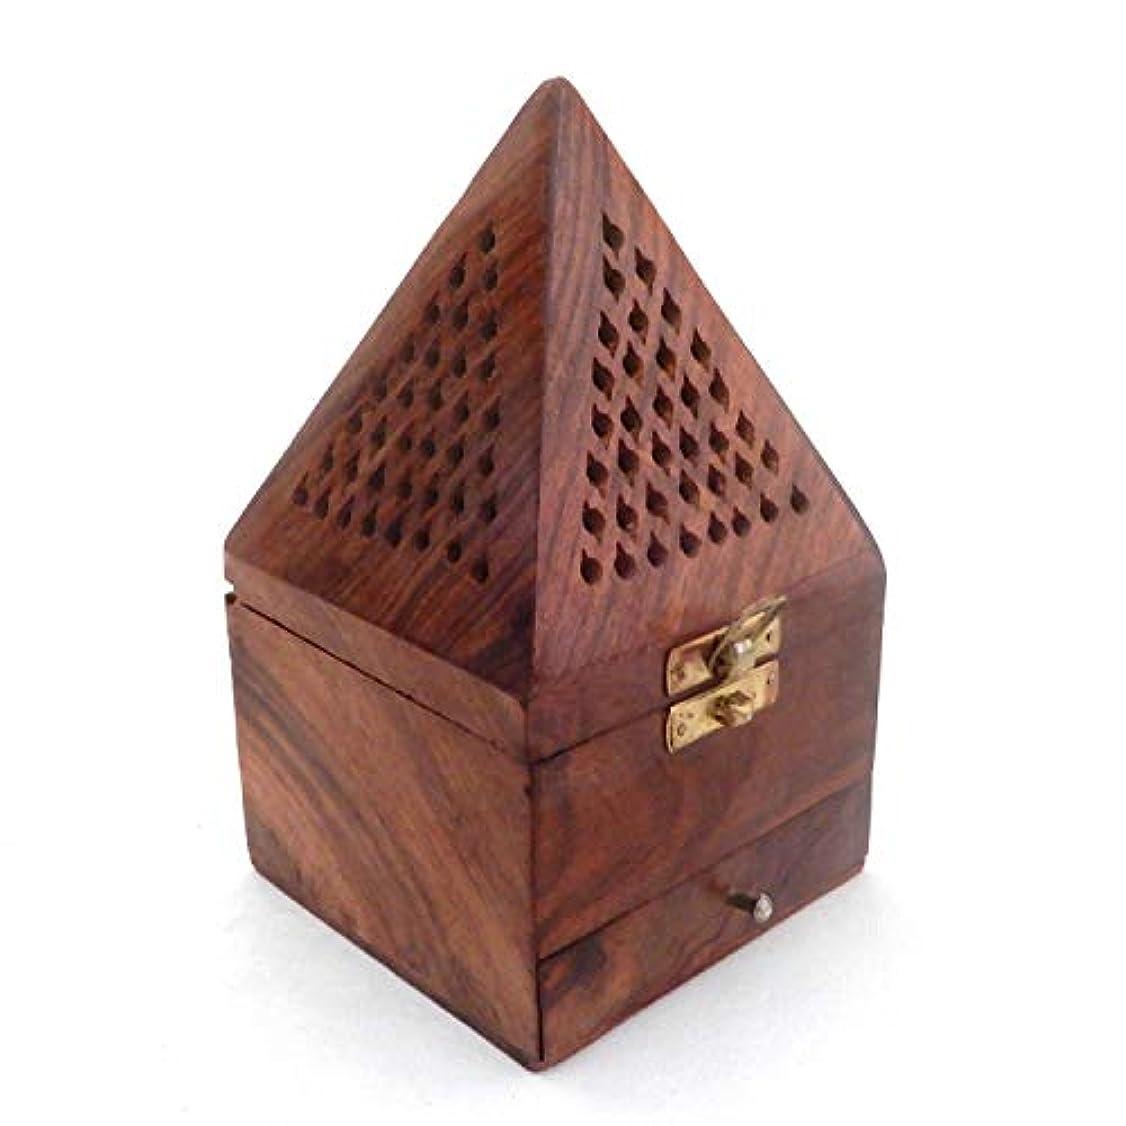 誕生アフリカノベルティクリスマスプレゼント、木製ピラミッド形状Burner、Dhoopホルダーwith Base正方形とトップ円錐形状Dhoopホルダー